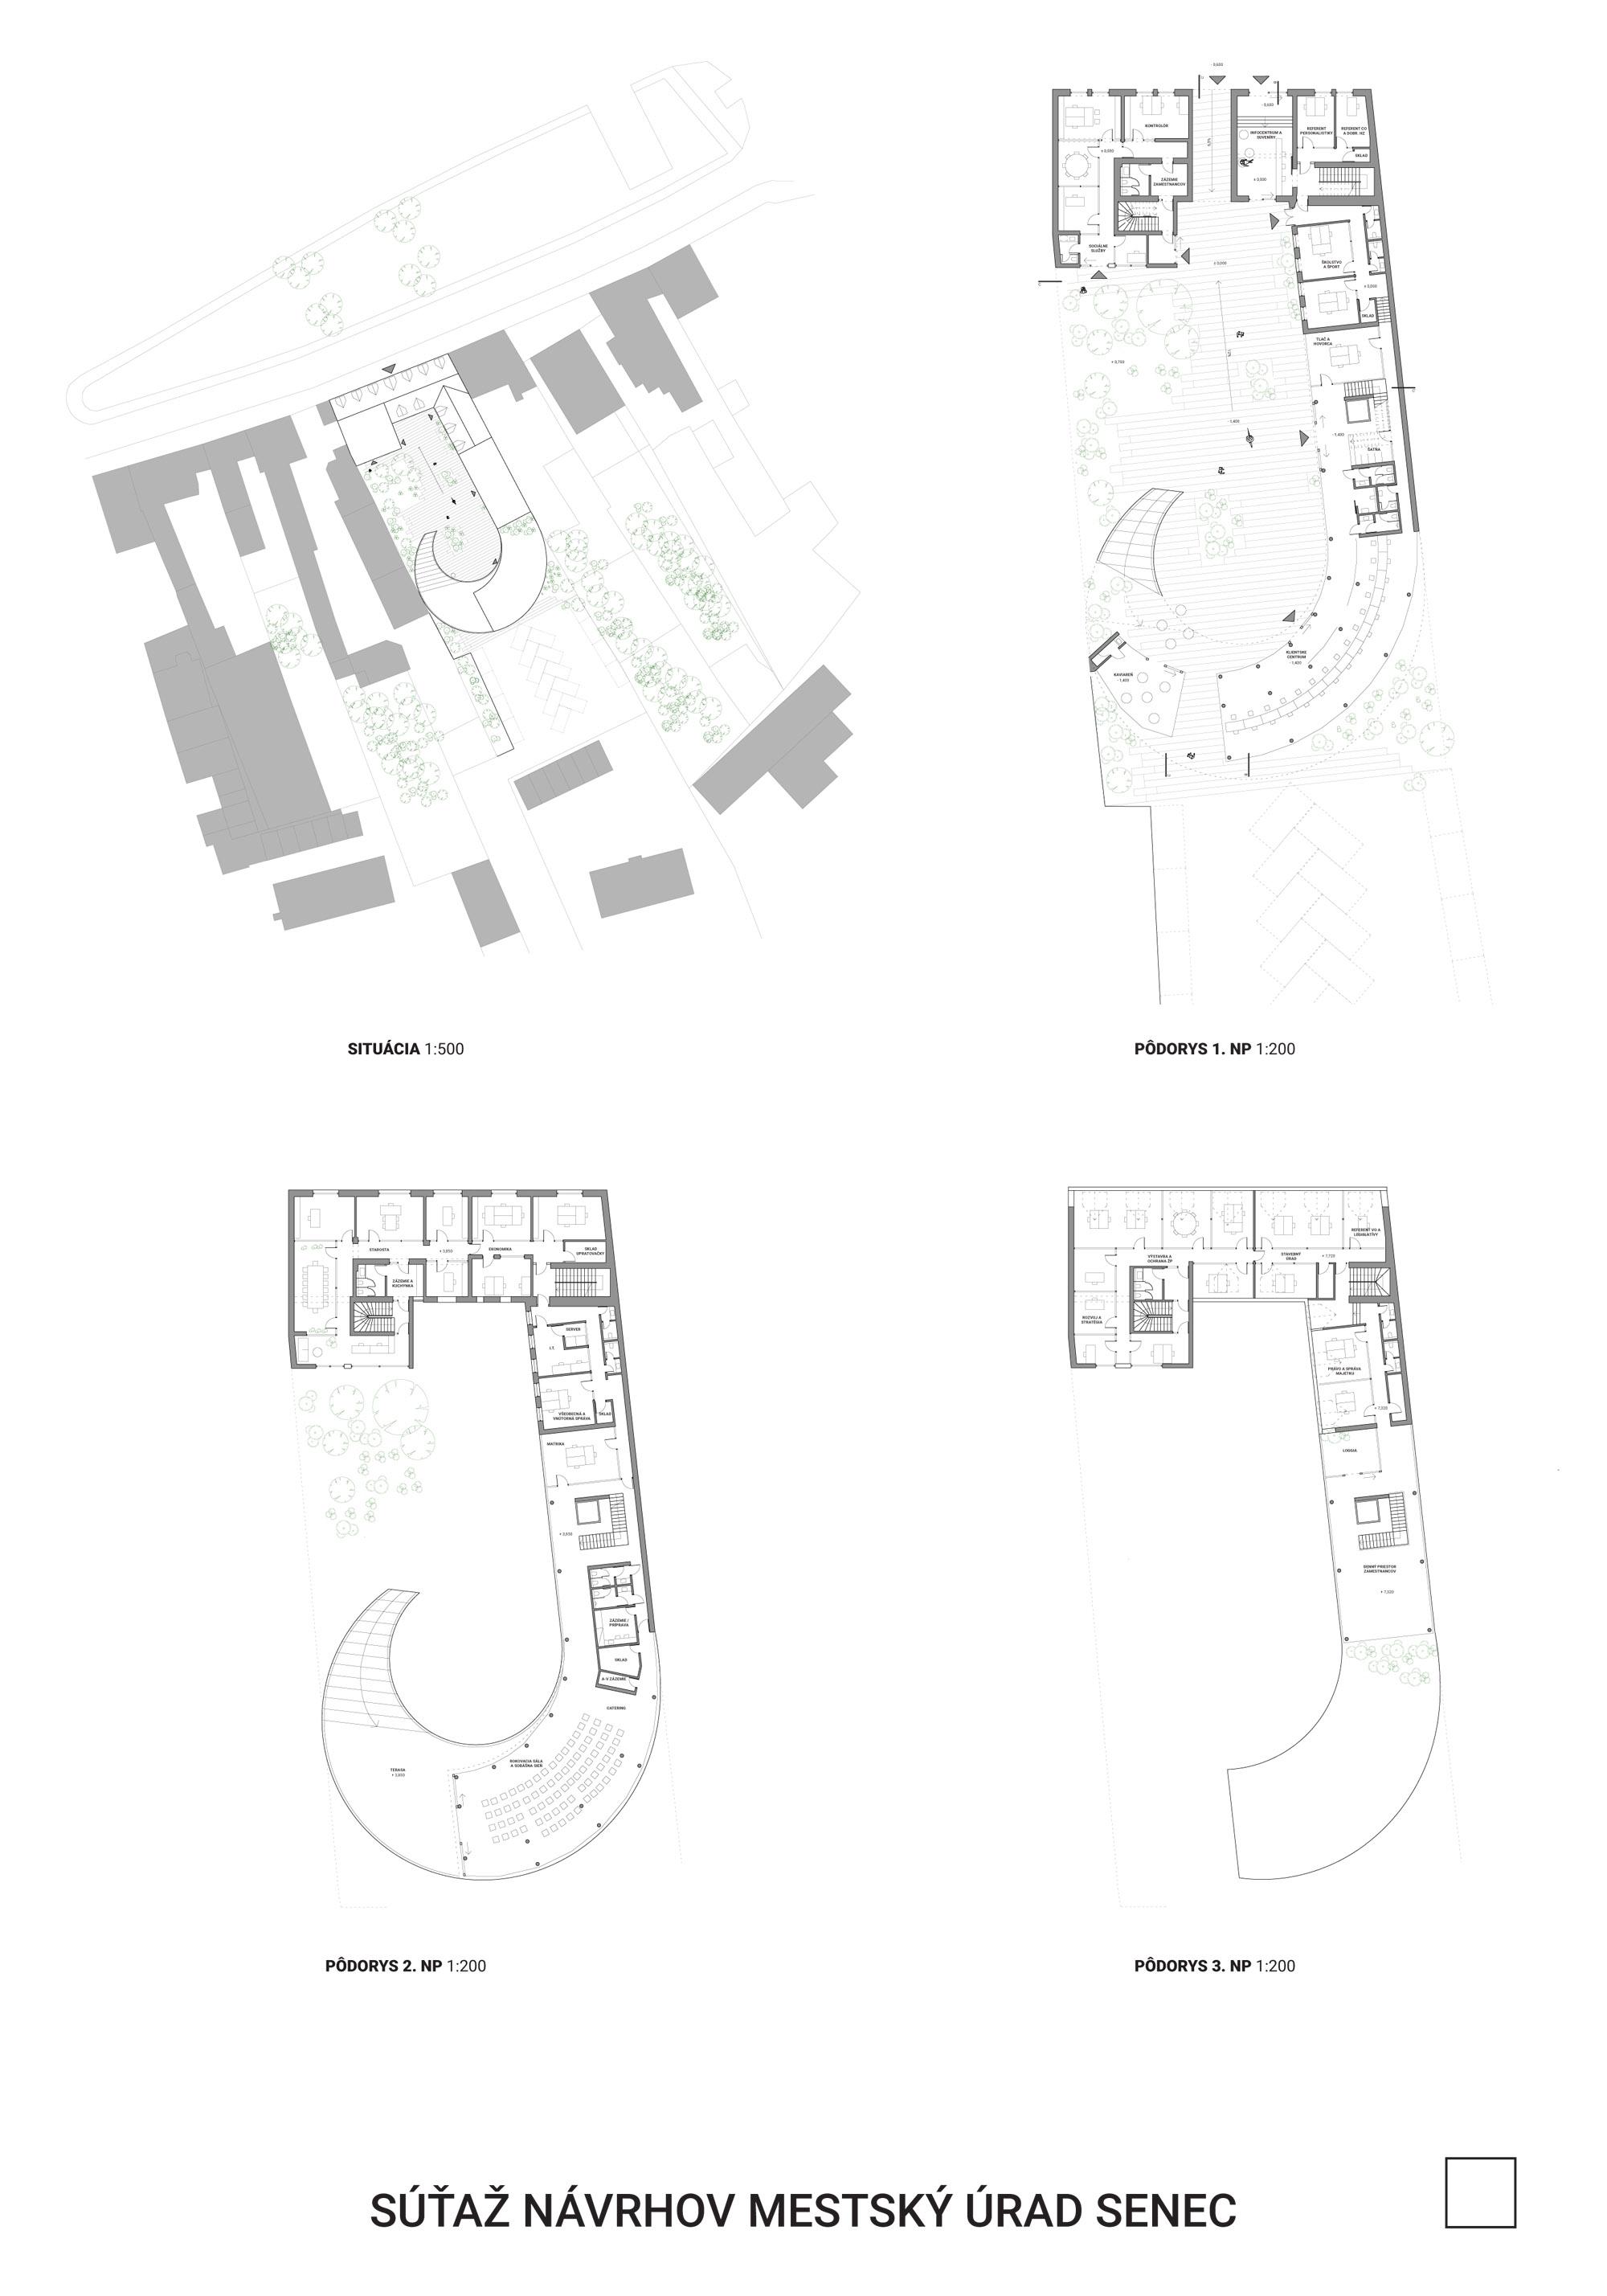 návrh č. 14: A. Plesník, T. Žáček